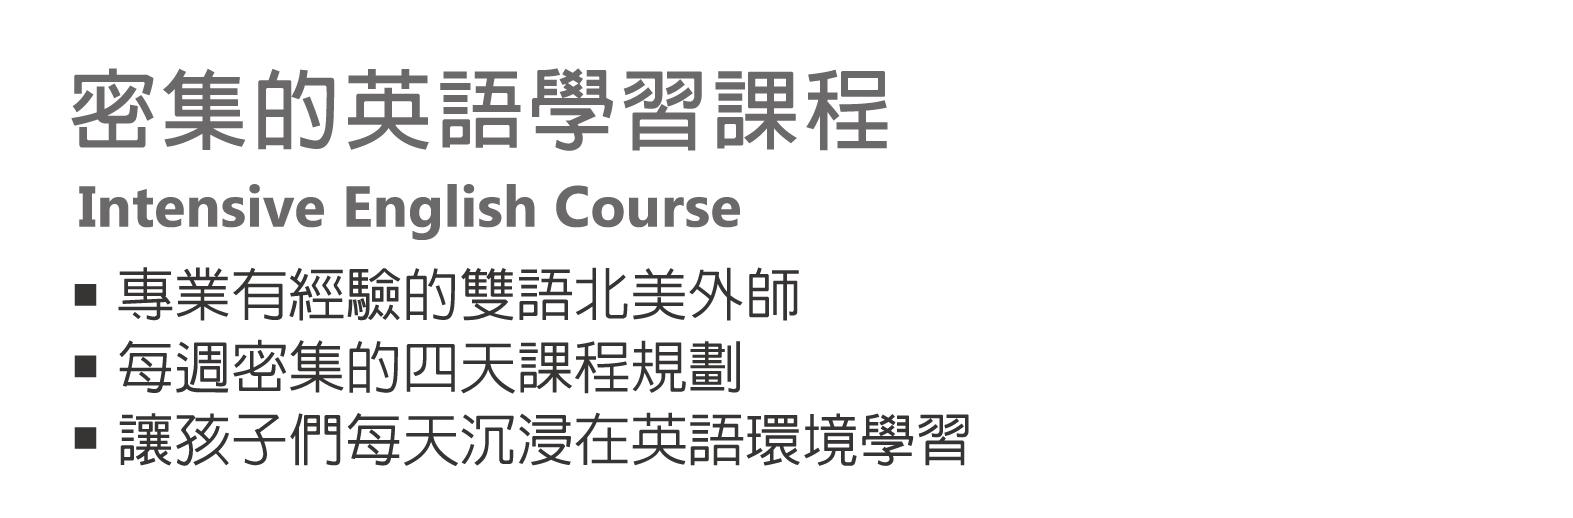 密集英文 | 台北安親 | 台北英文 | 家長陪讀